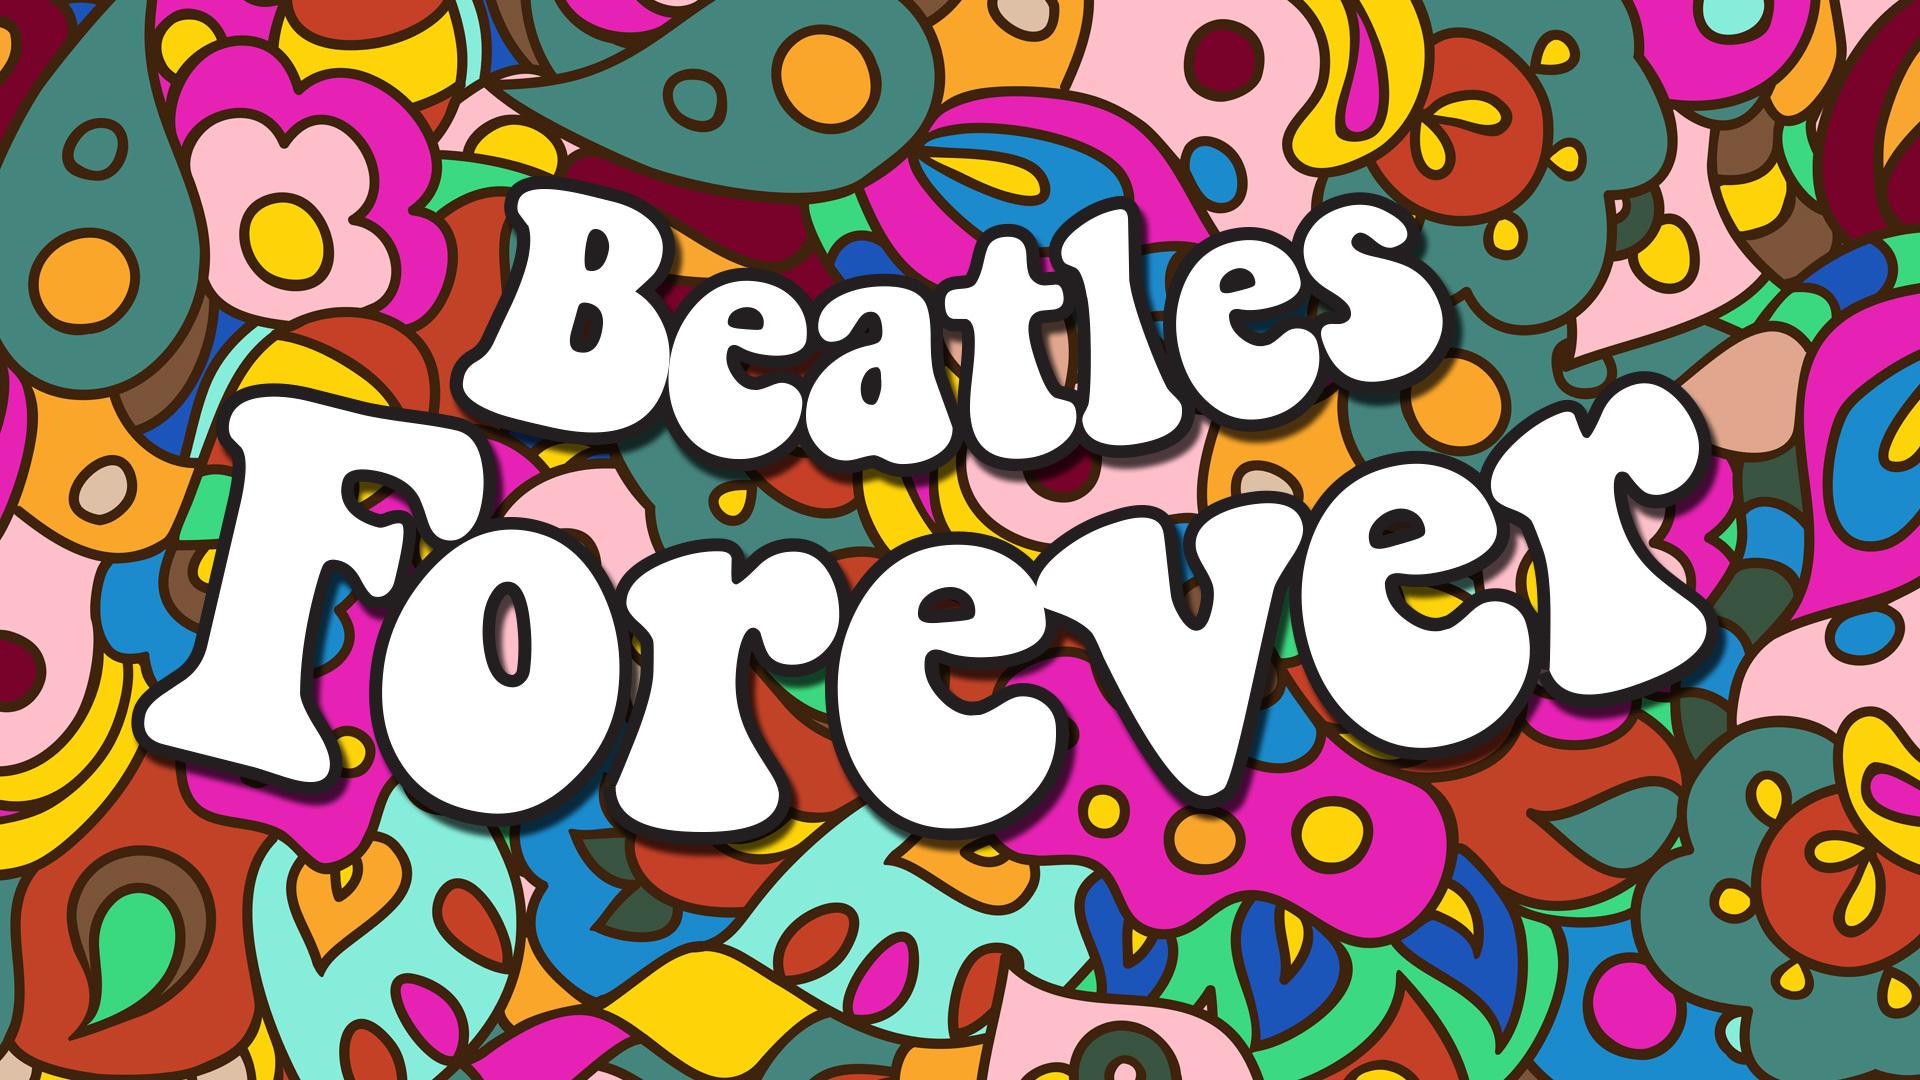 beatles-forever-0001